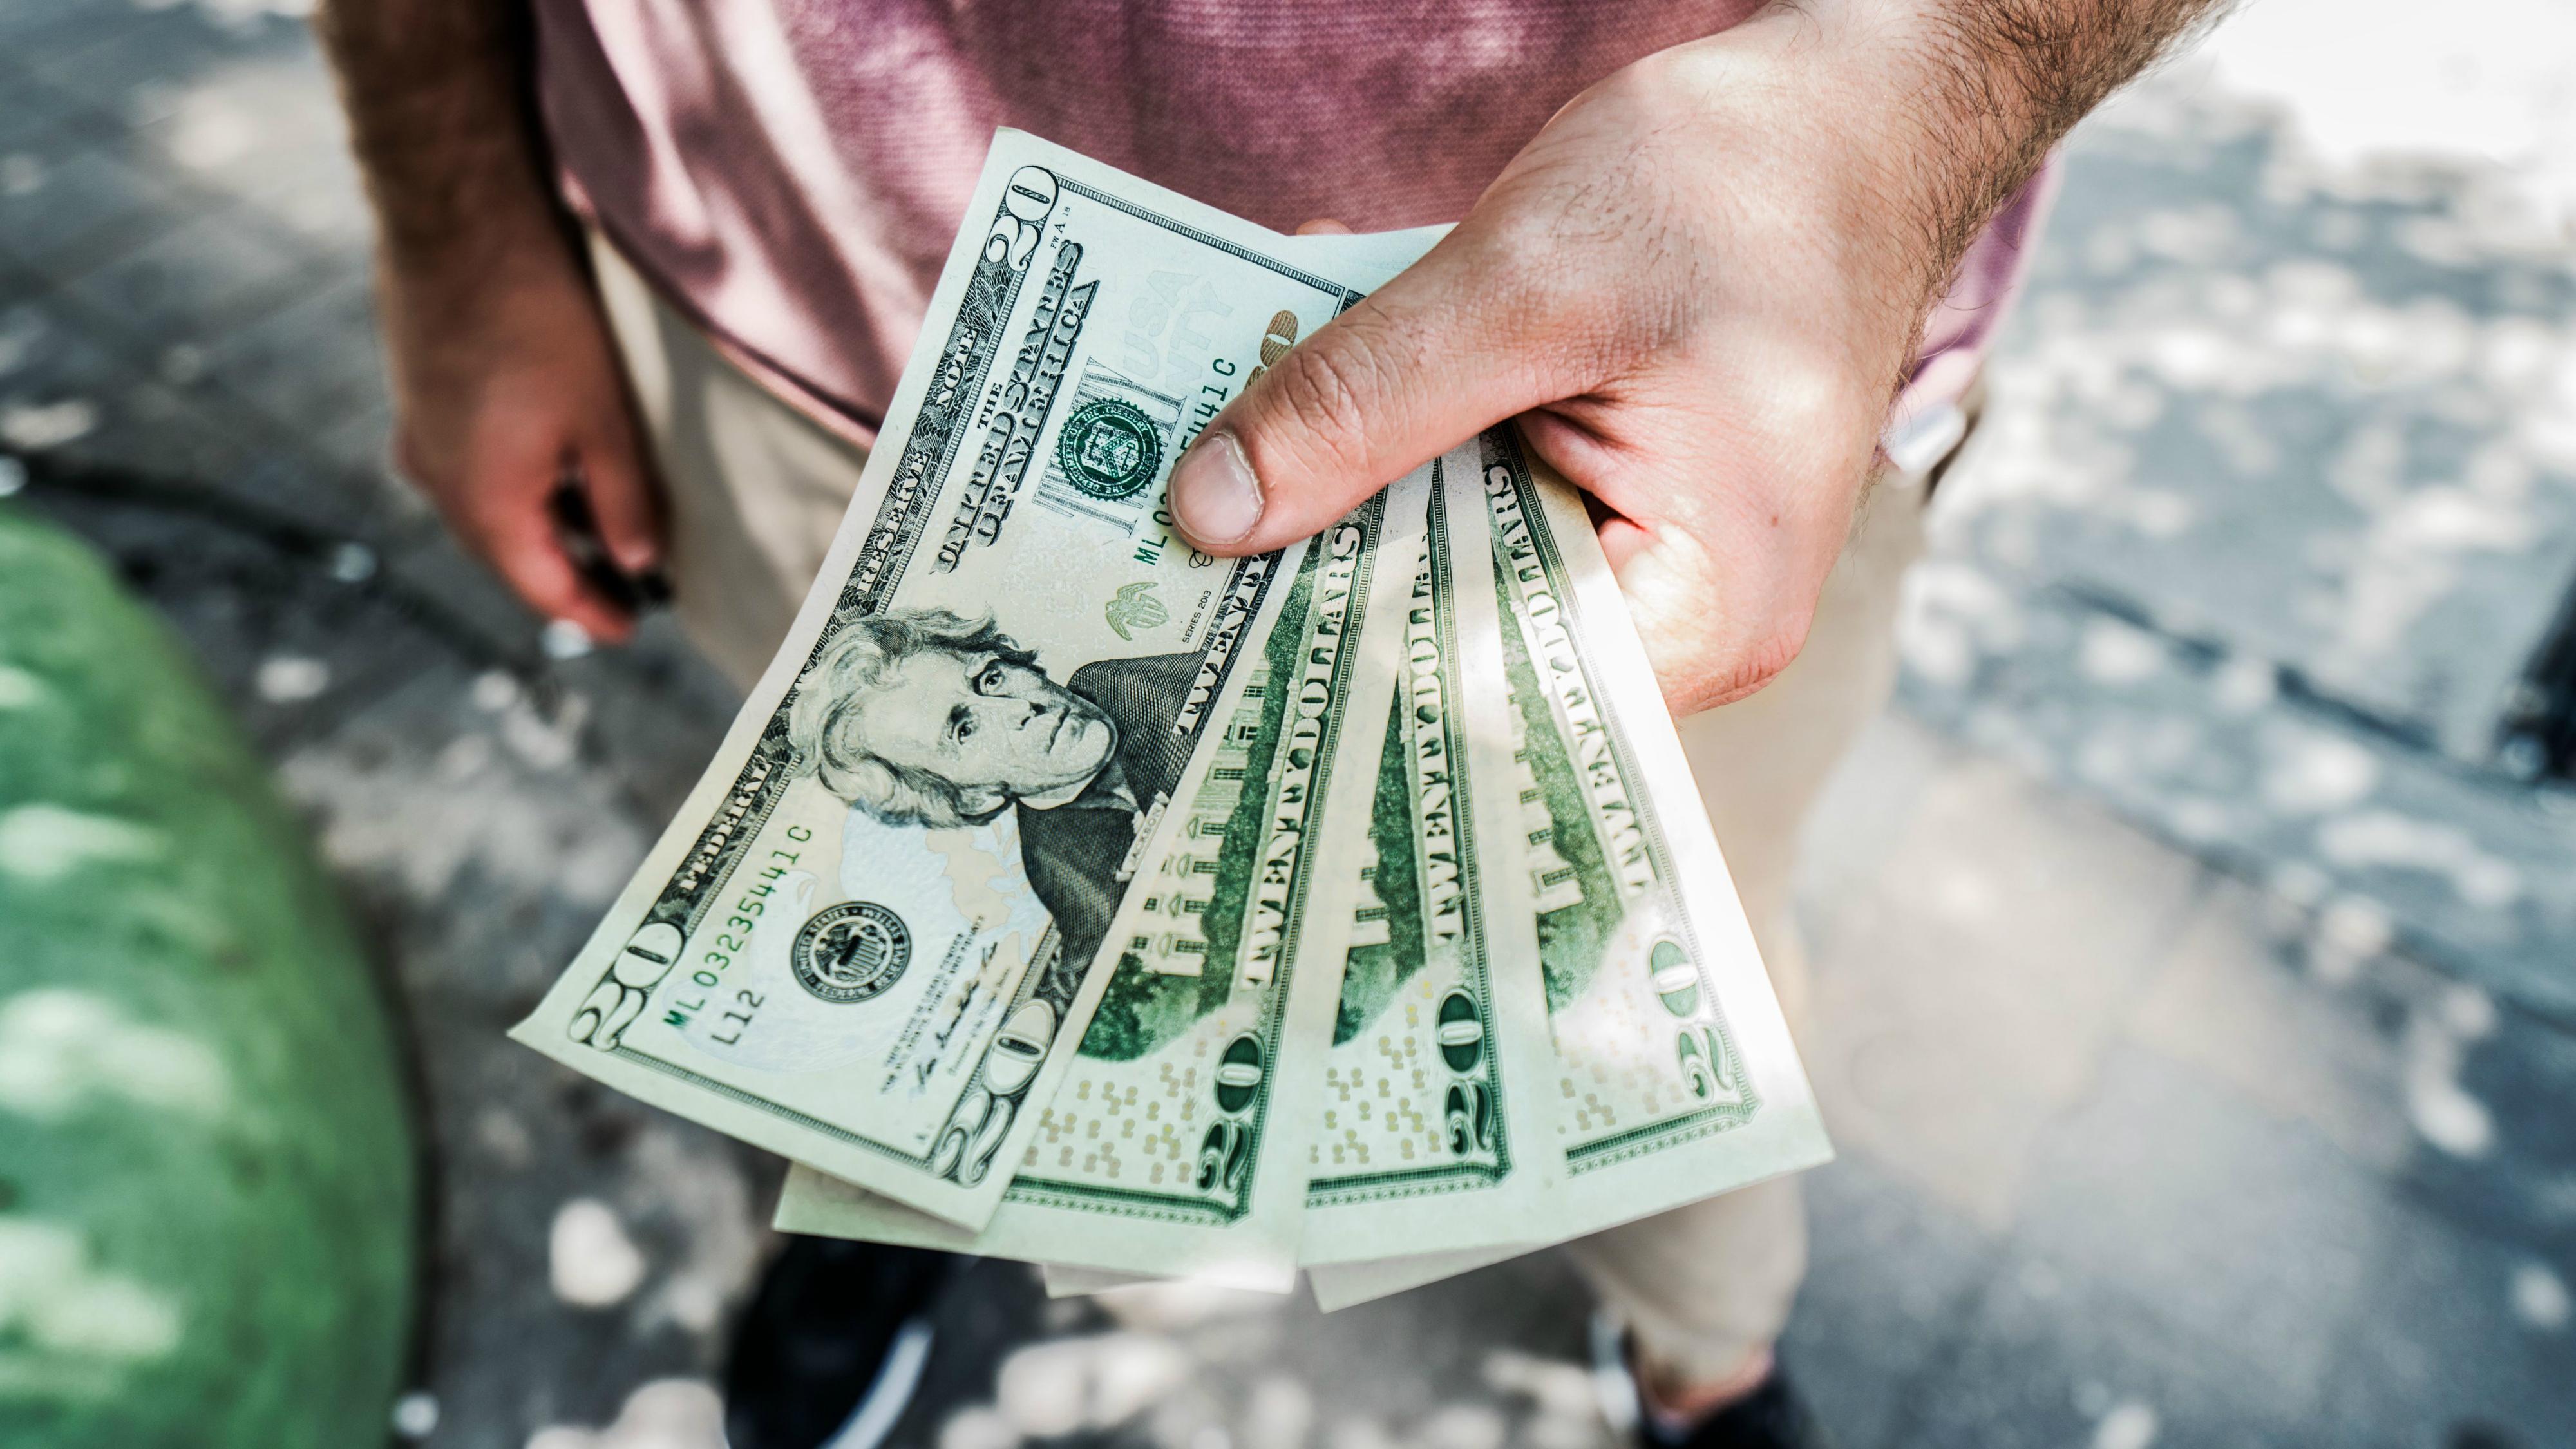 azboulings.lv | Nopelni naudu internetā ātri un droši!